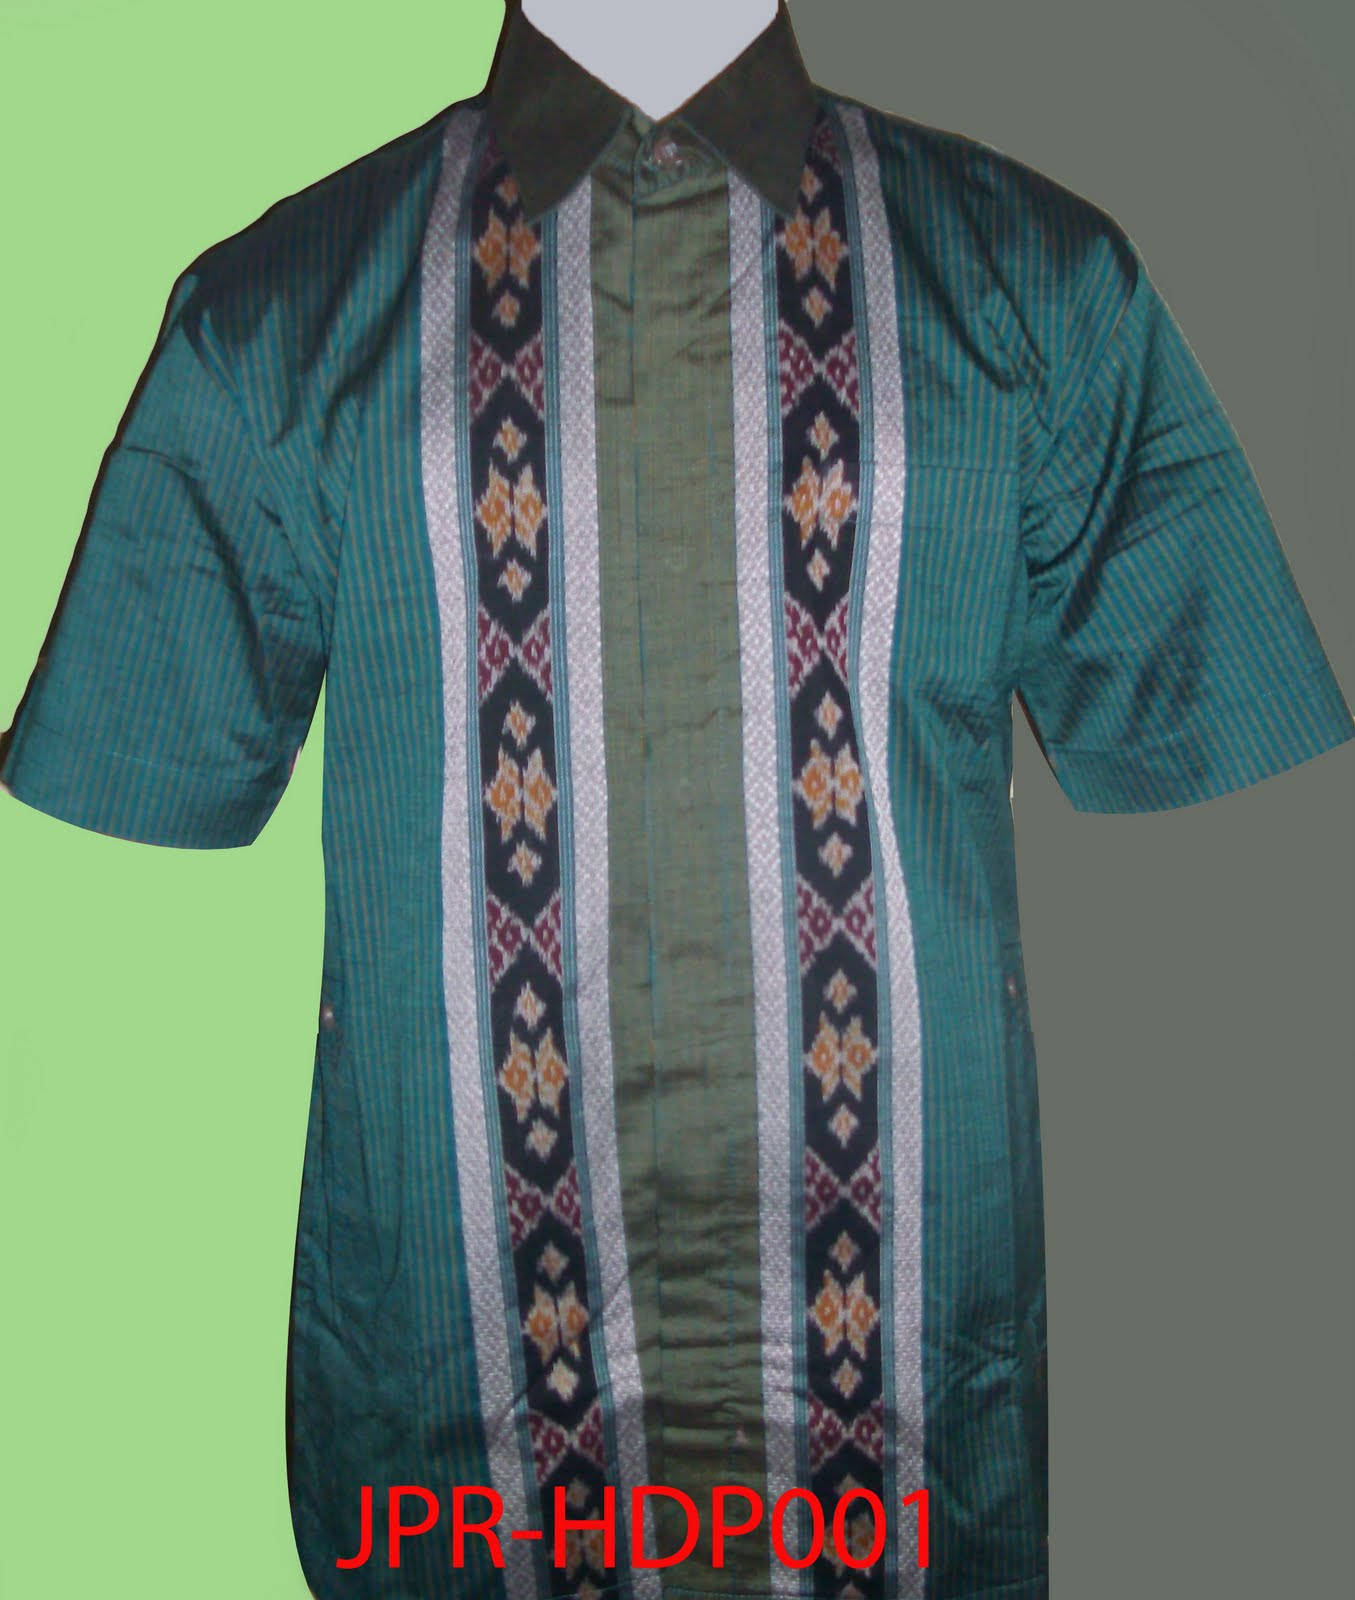 Harga Baju Batik Pria Lusinan: 2011 Model Baju Batik-Knitting Gallery